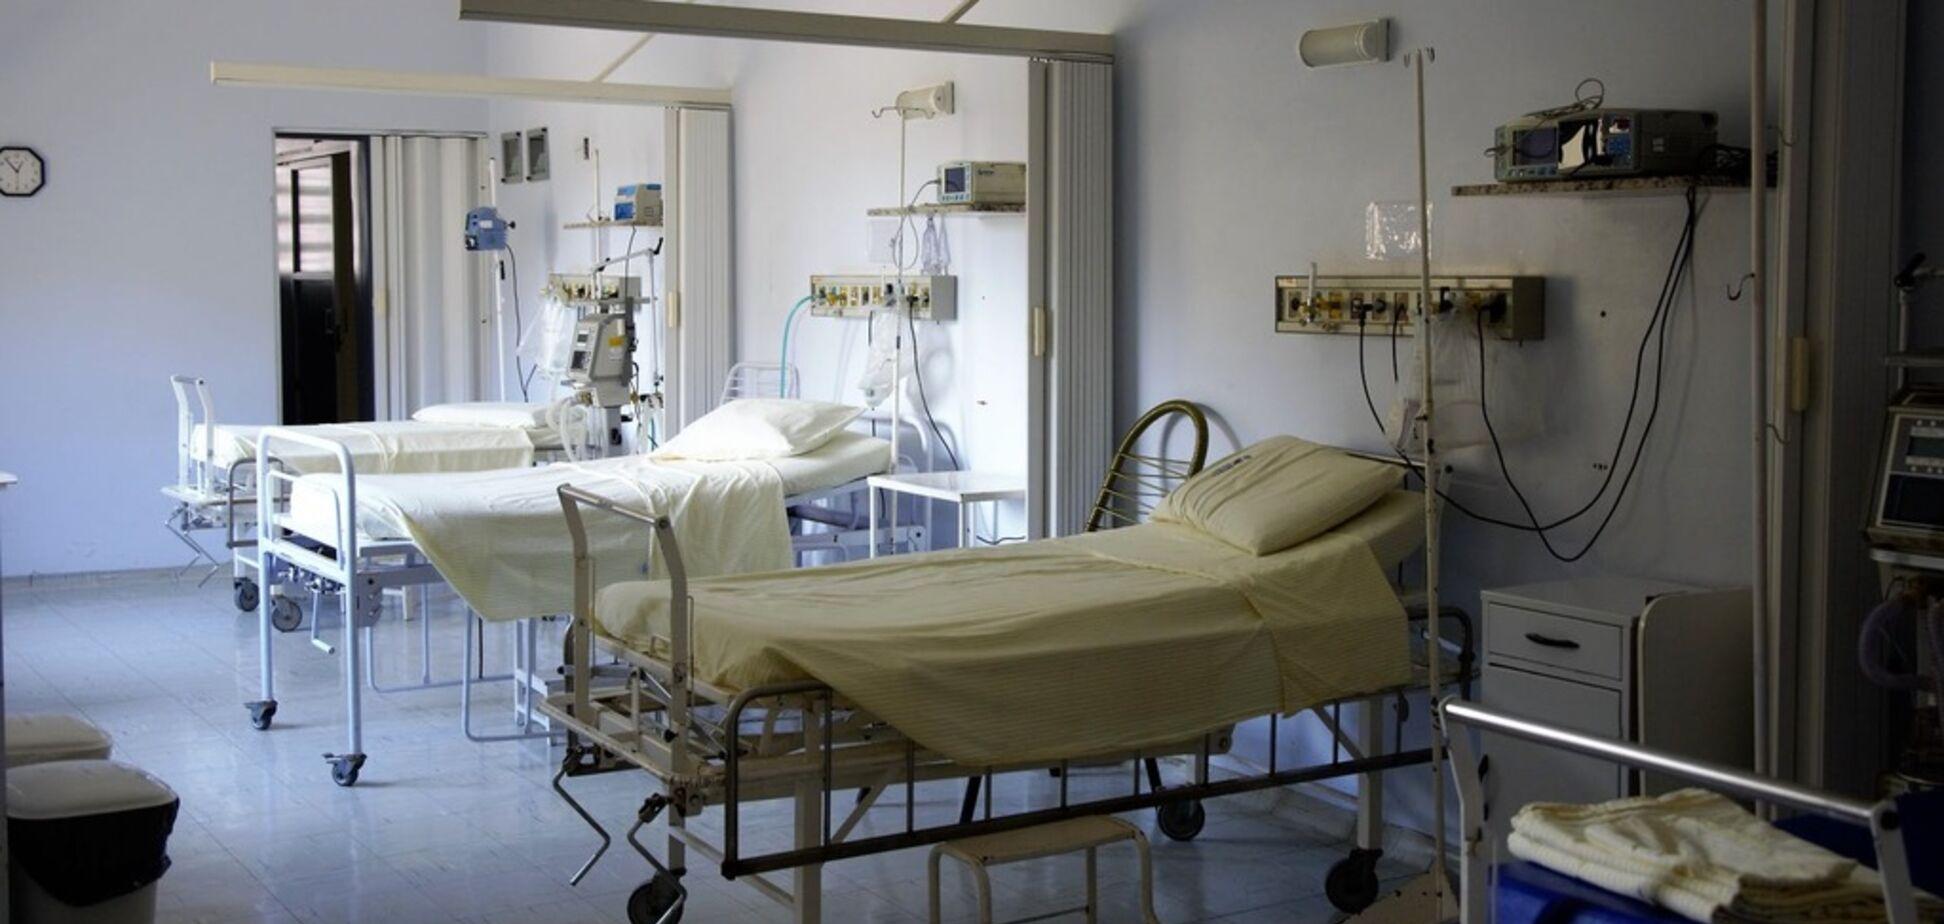 Легко заразиться: врач назвала три самые опасные для человека инфекции